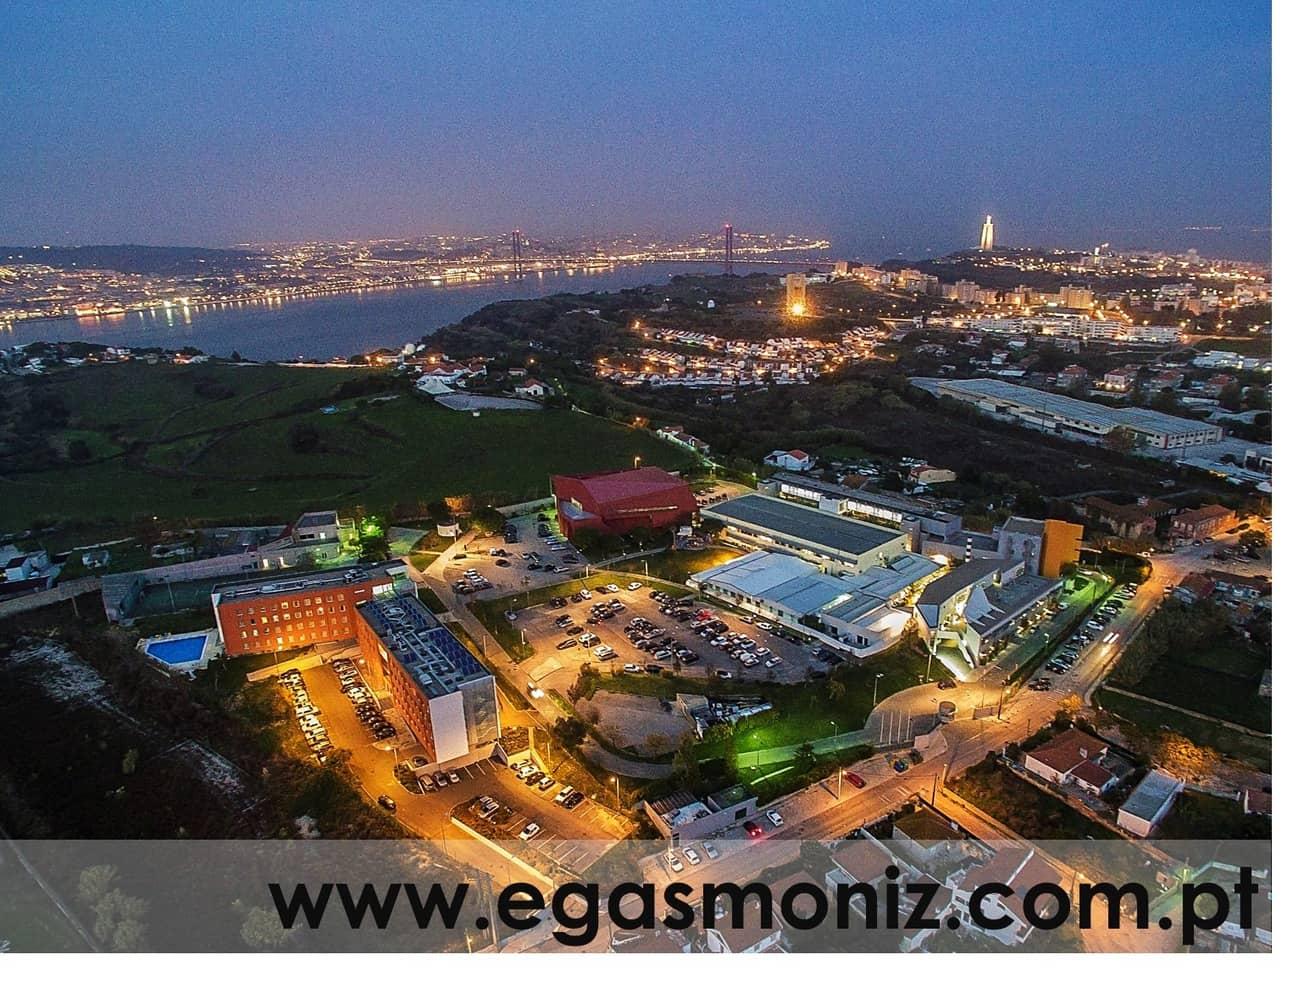 Egas Moniz - Cooperative of Higher Education Campus